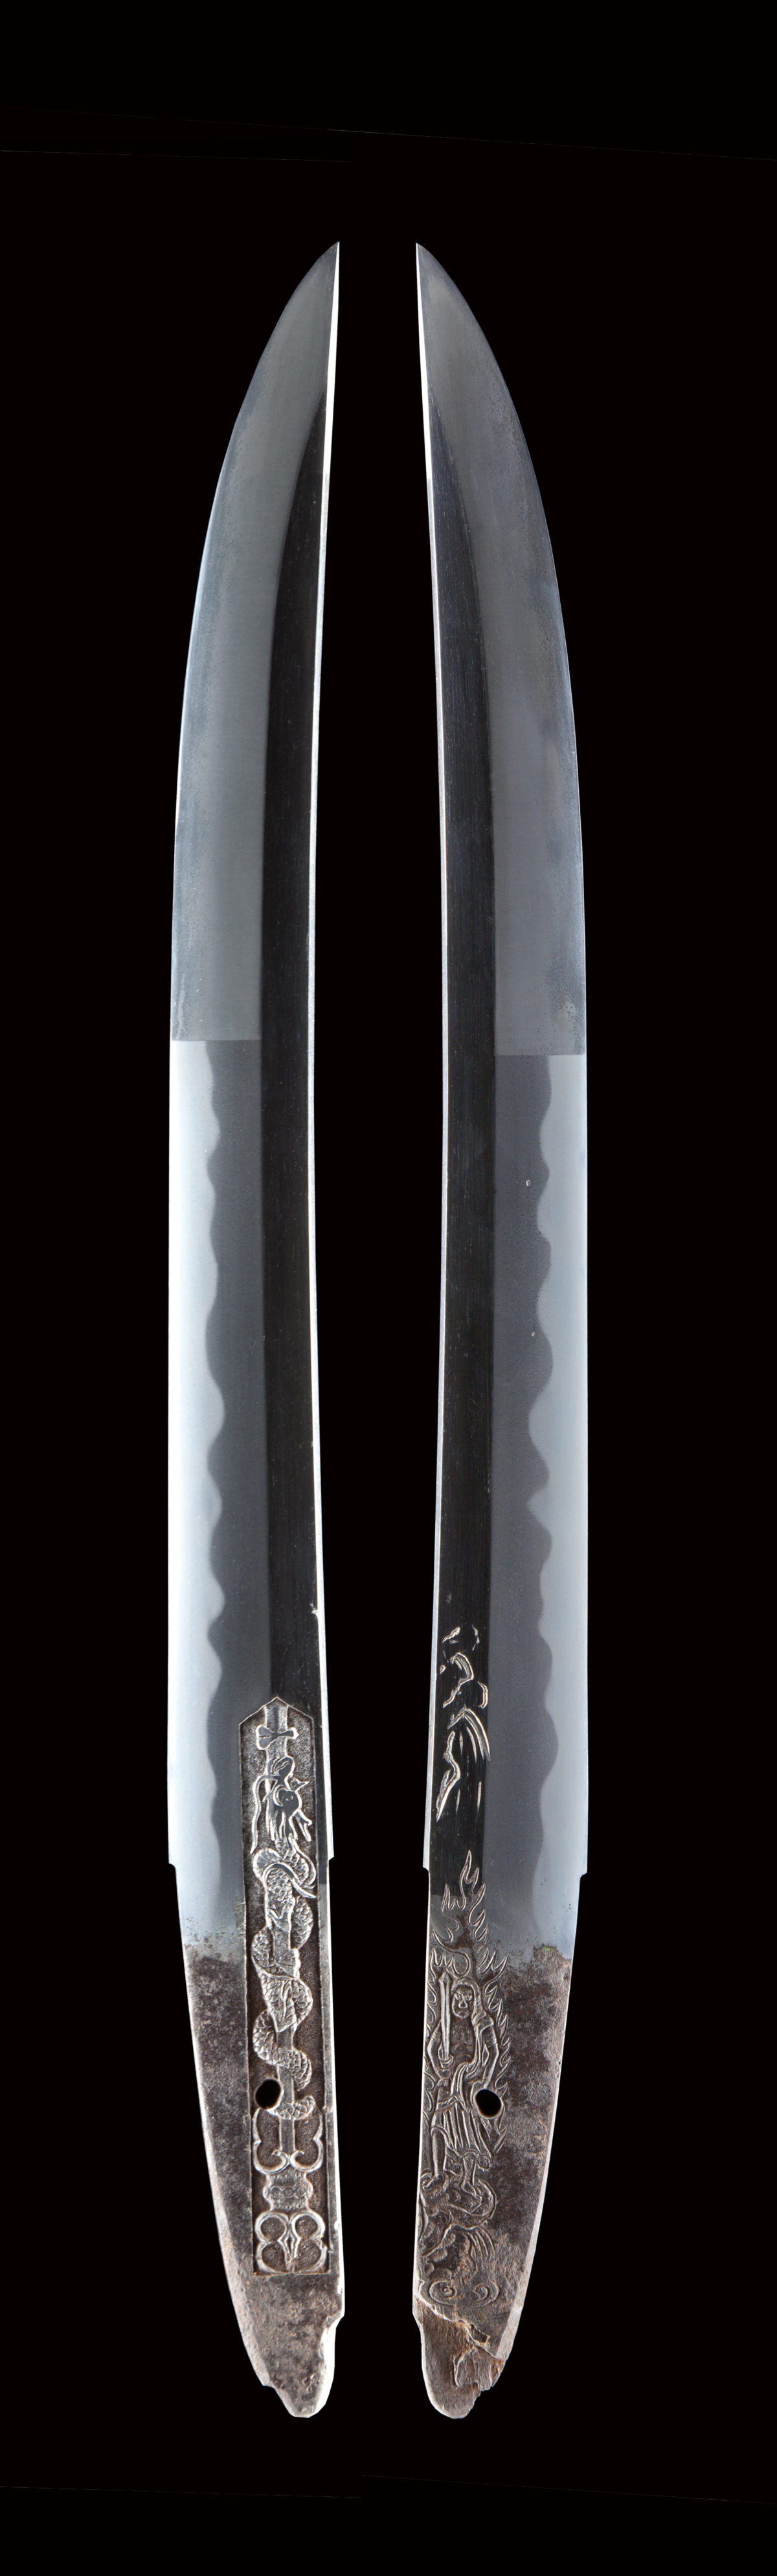 薩州仁礼正真(文化1804年-1818年頃)は 薩州礼五郎も同名で伯耆守平朝臣正幸の門下。 ねむい刃を焼き、出来がどことなく師の伯耆守正幸に似ている。